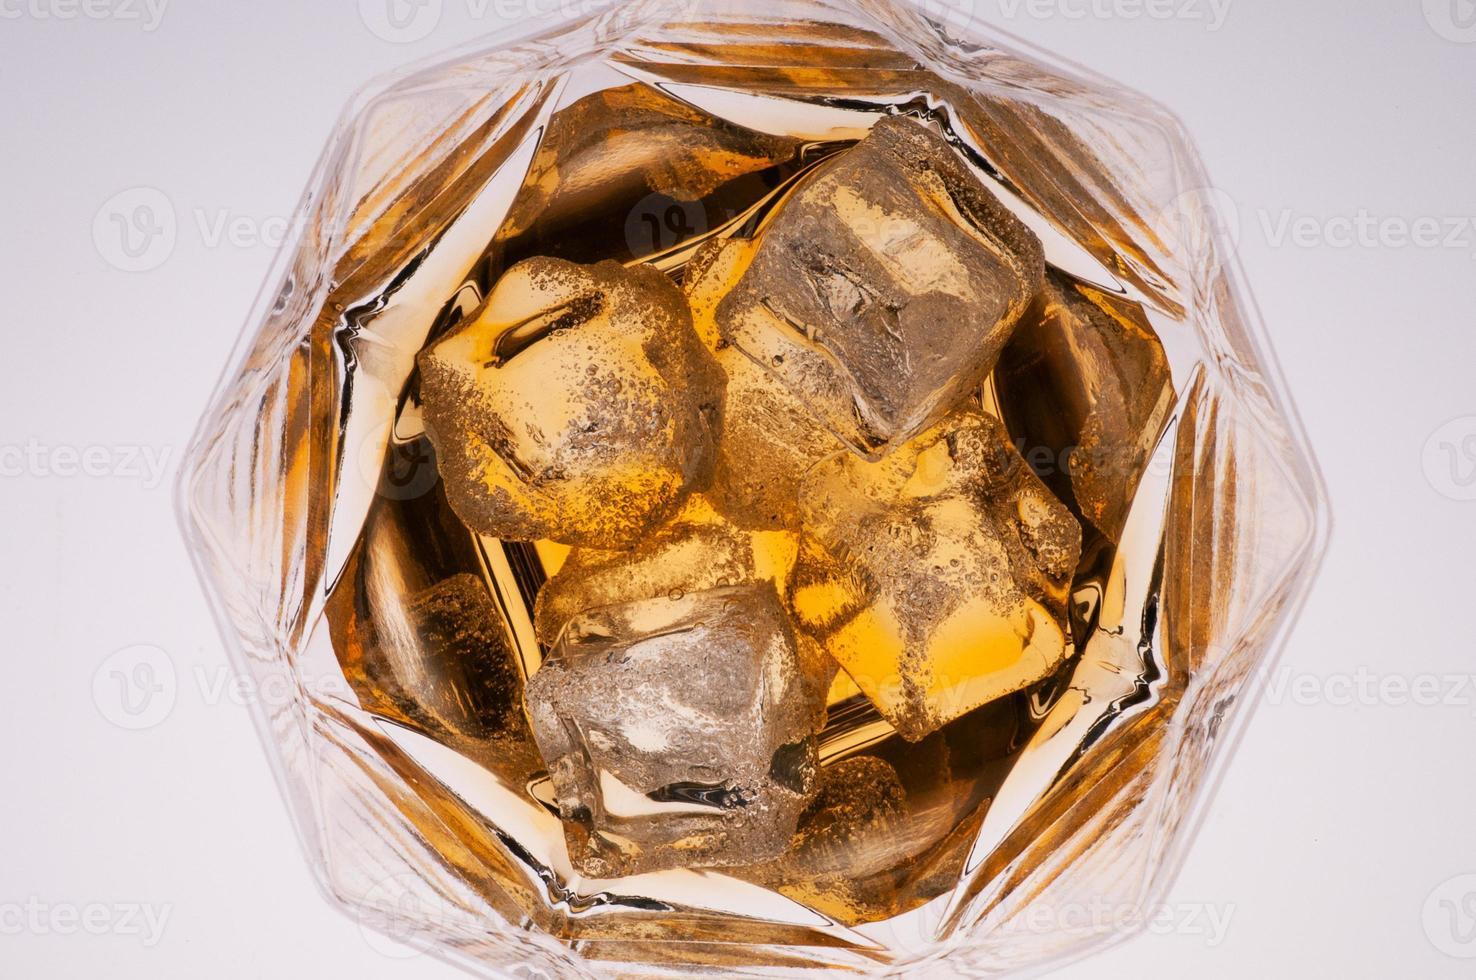 brandy en las rocas foto